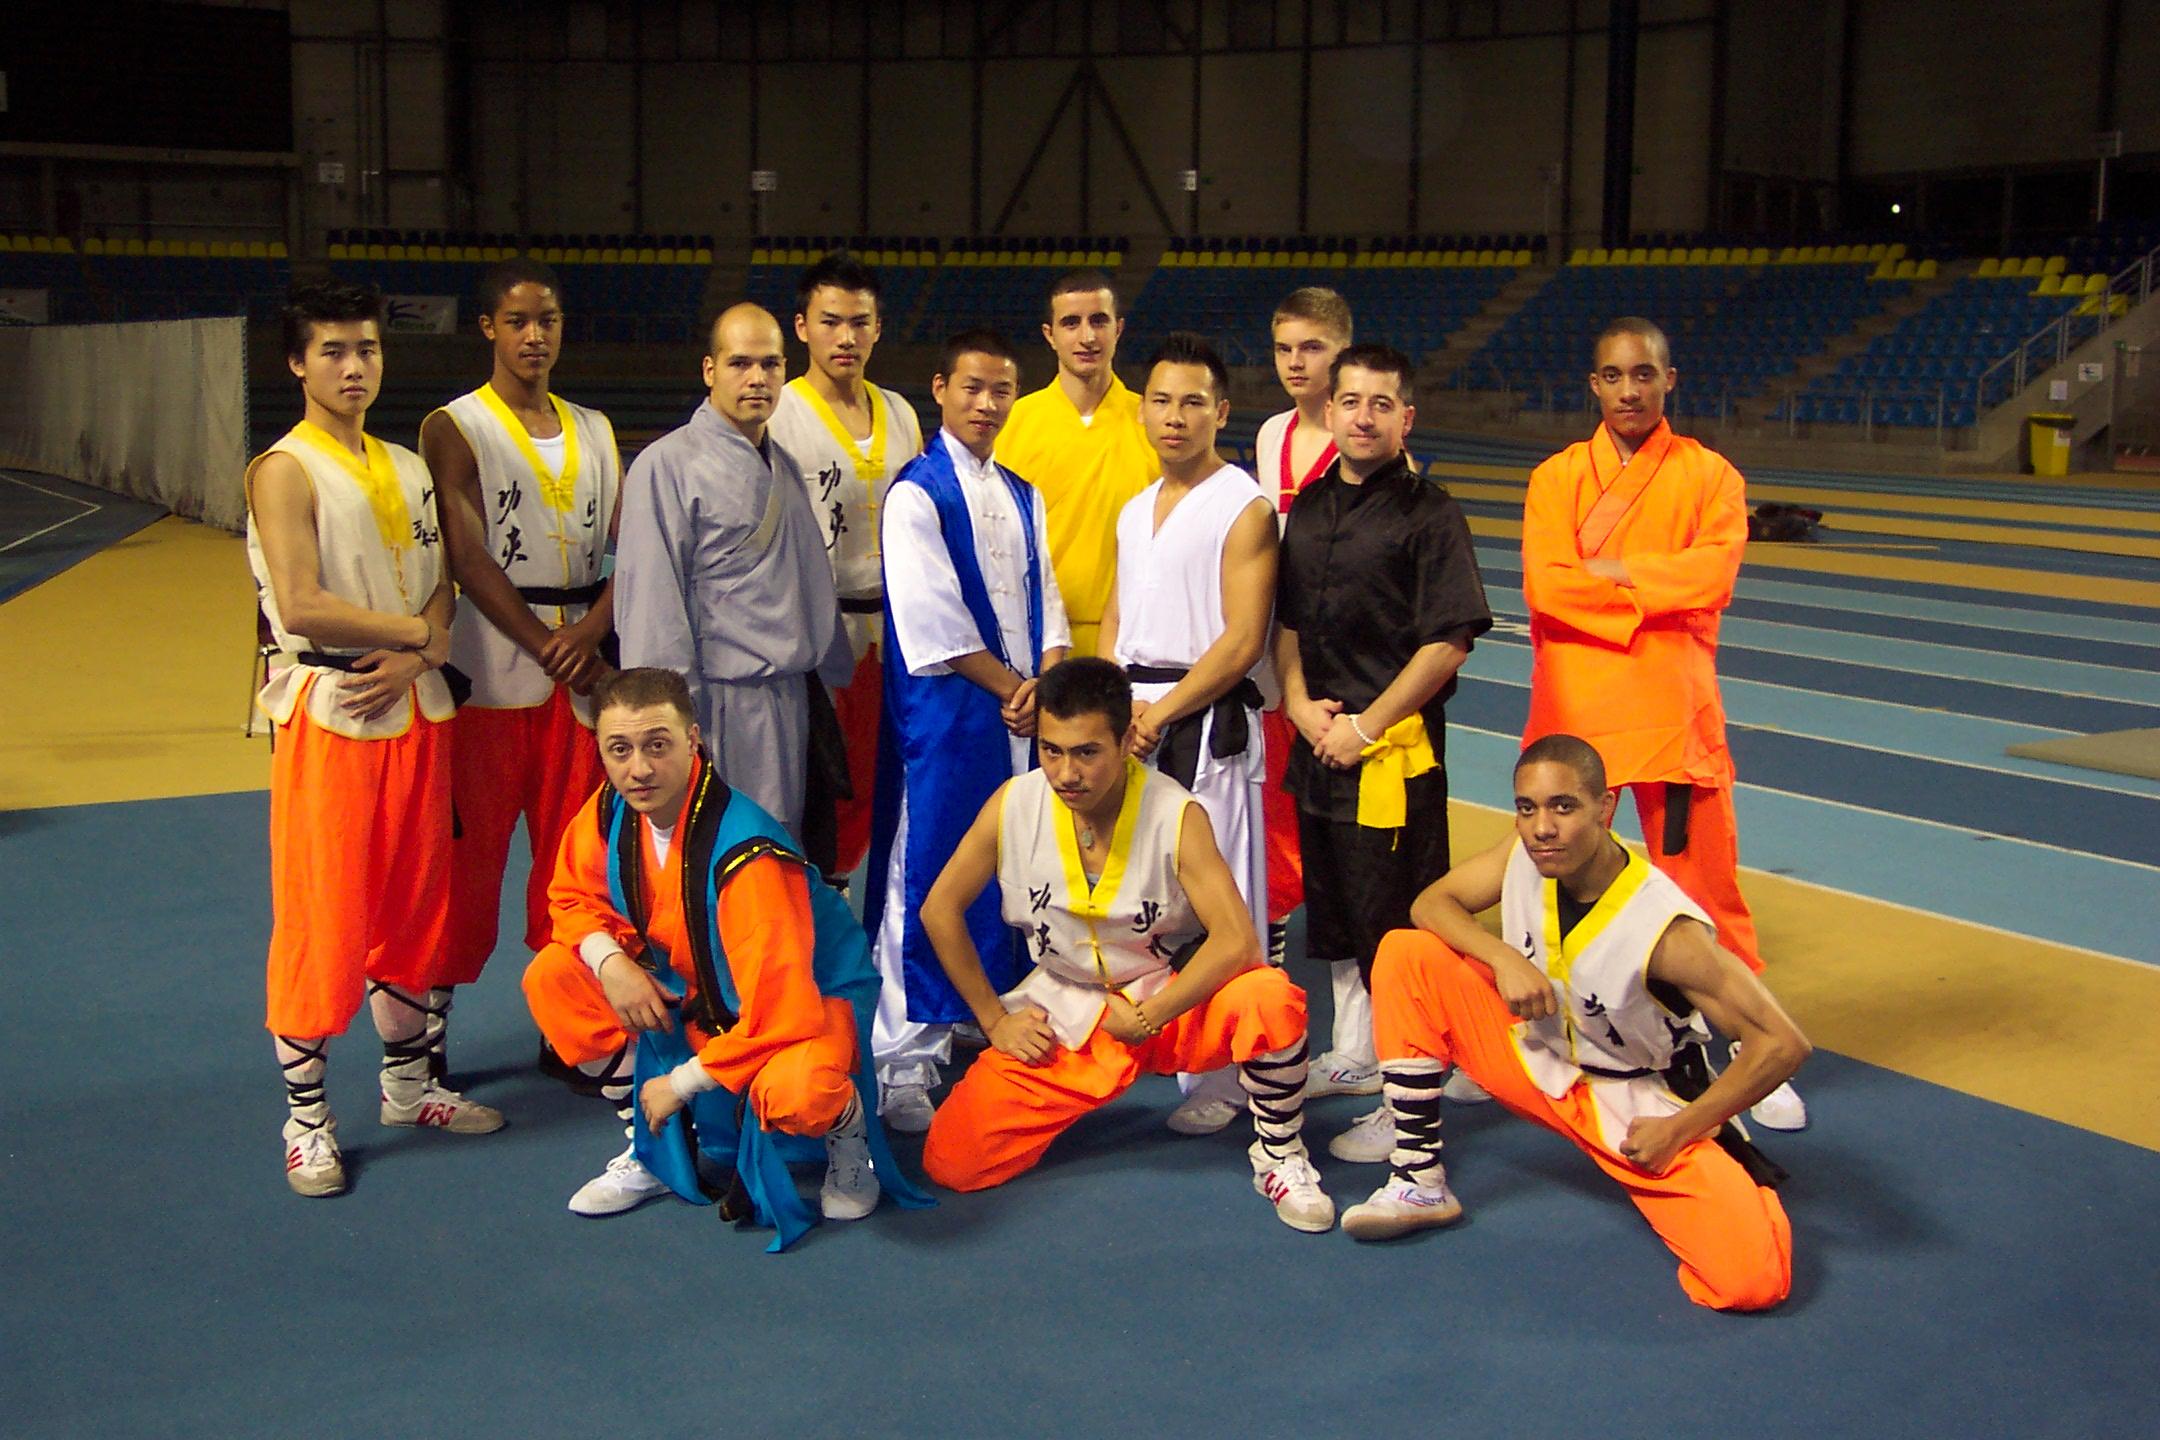 De rol van Shaolin Bond Nederland